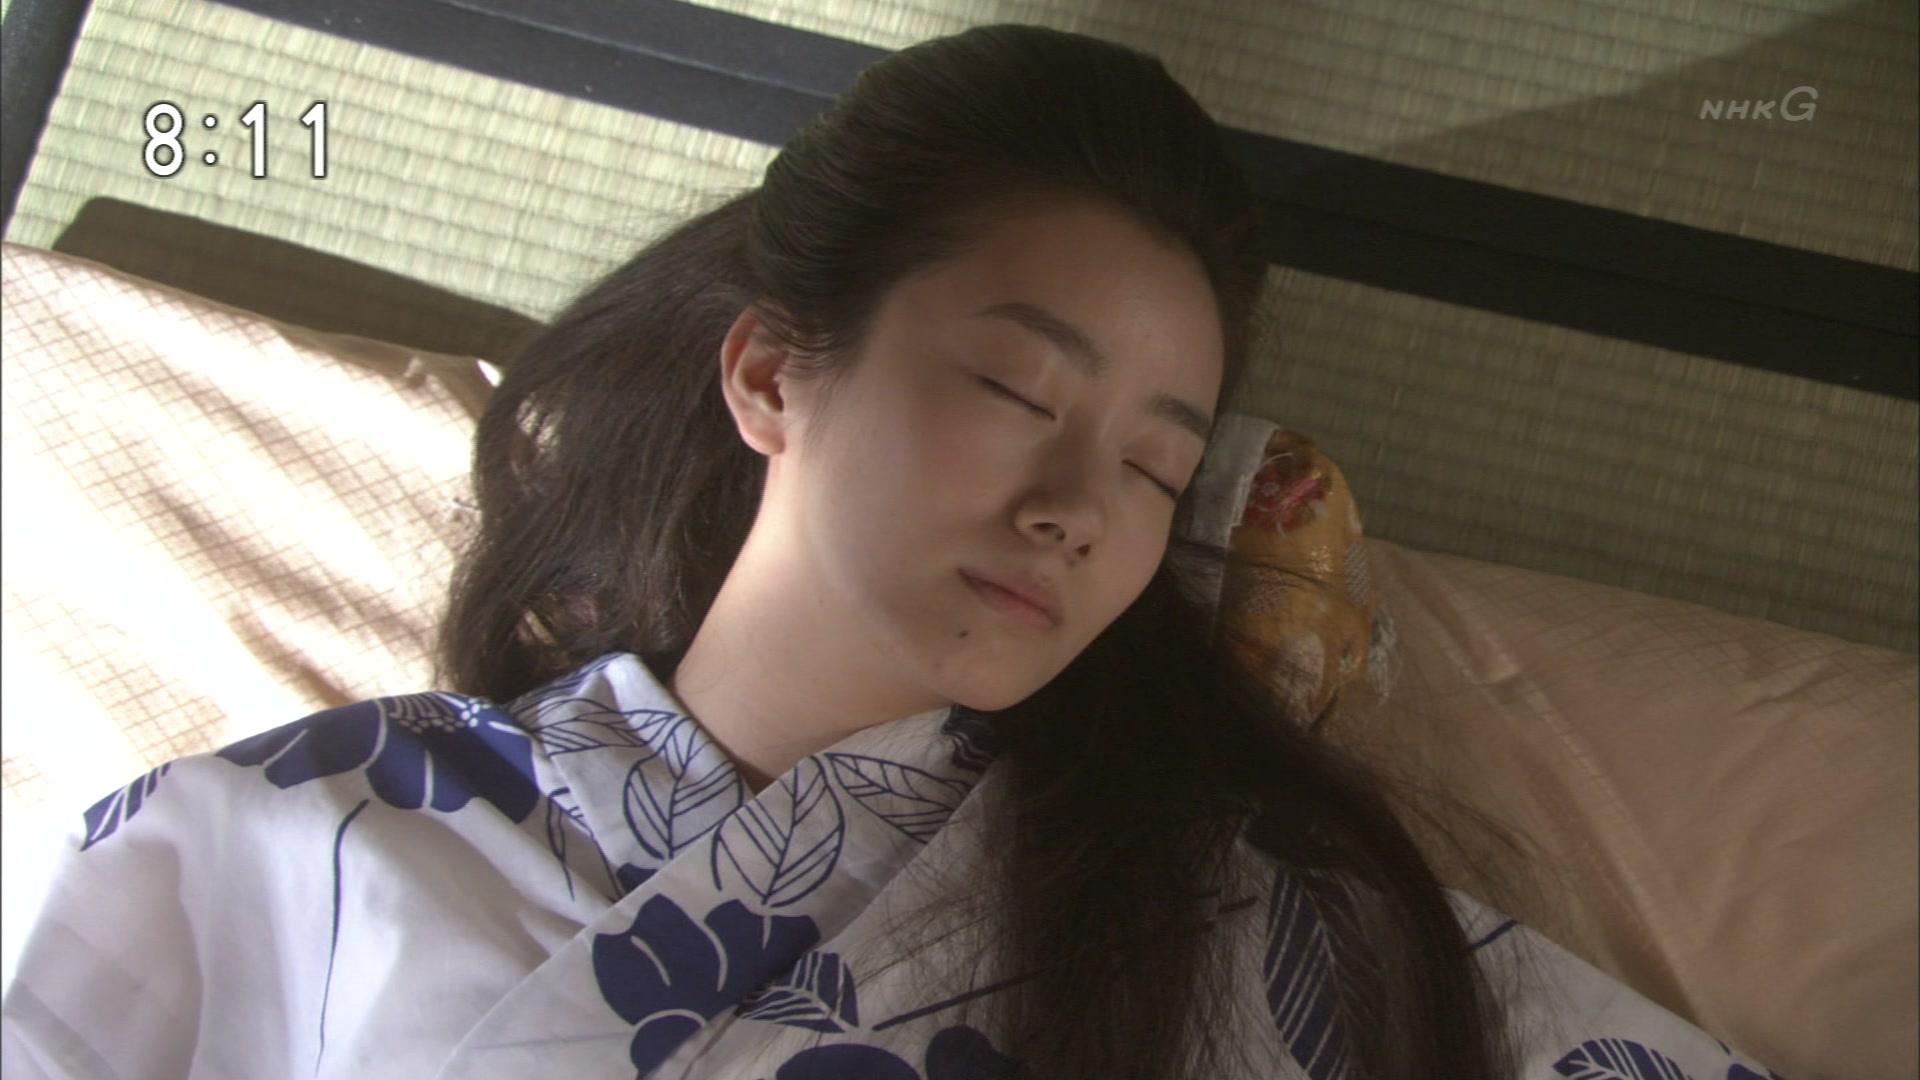 2015-10-09 08:00 連続テレビ小説 あさが来た(11)「ふたつの花びら」 2114